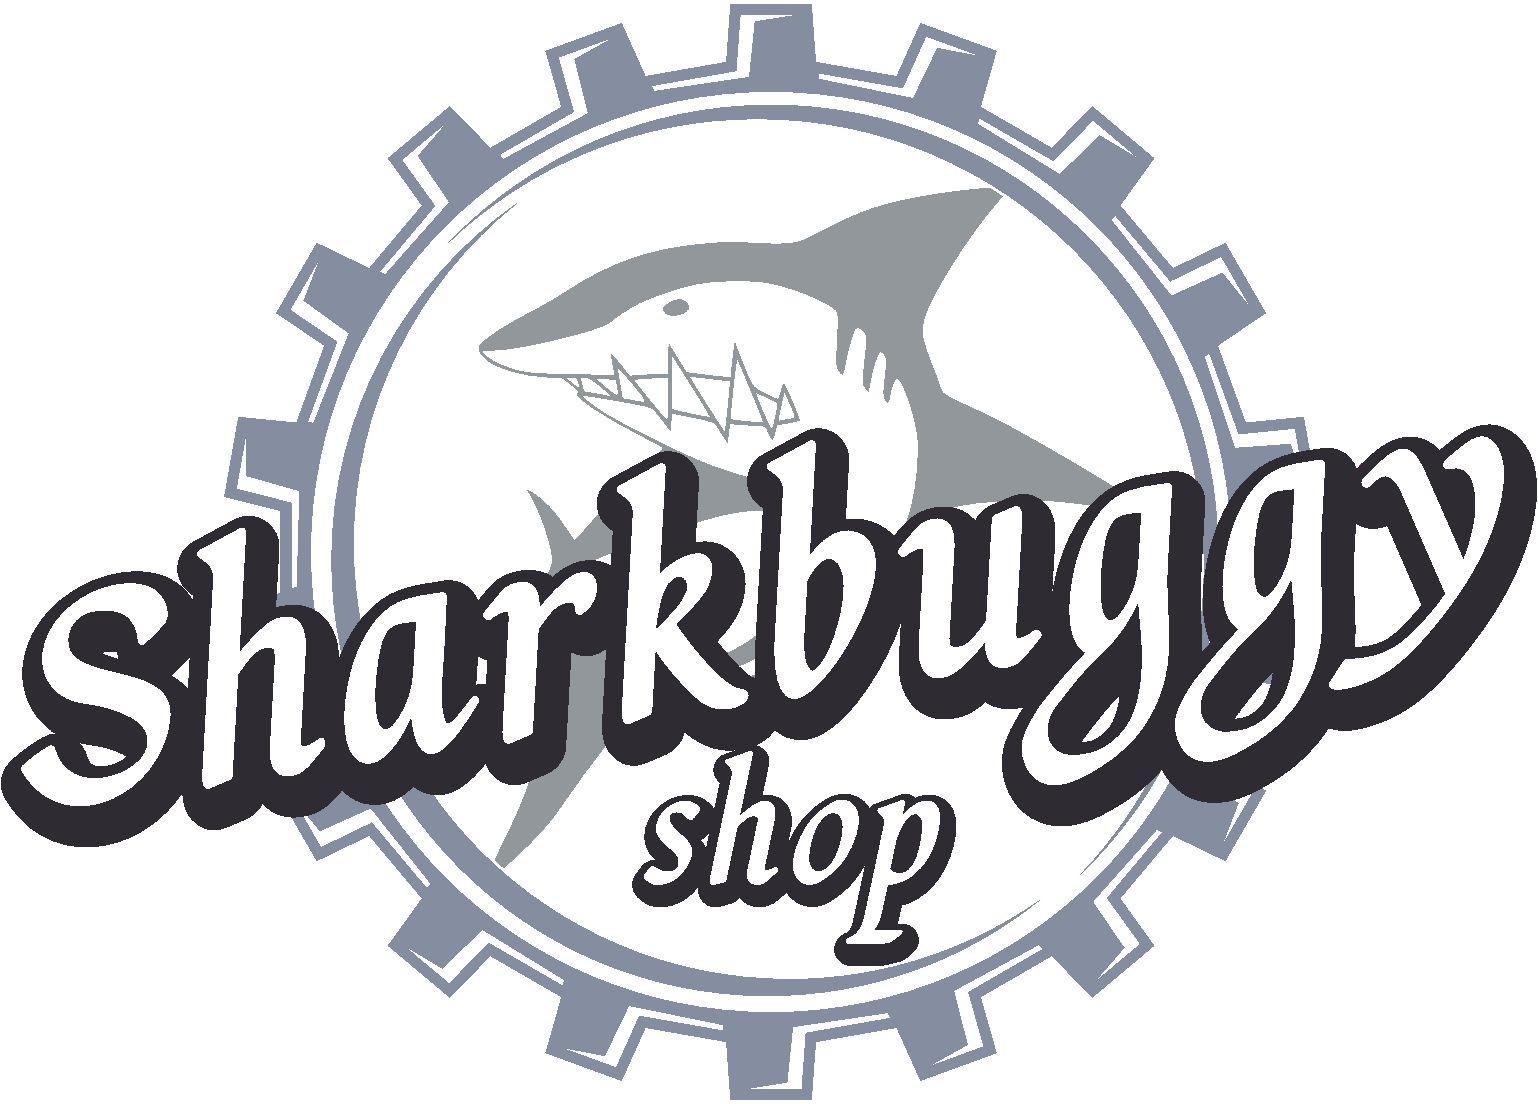 sharkbuggyshop